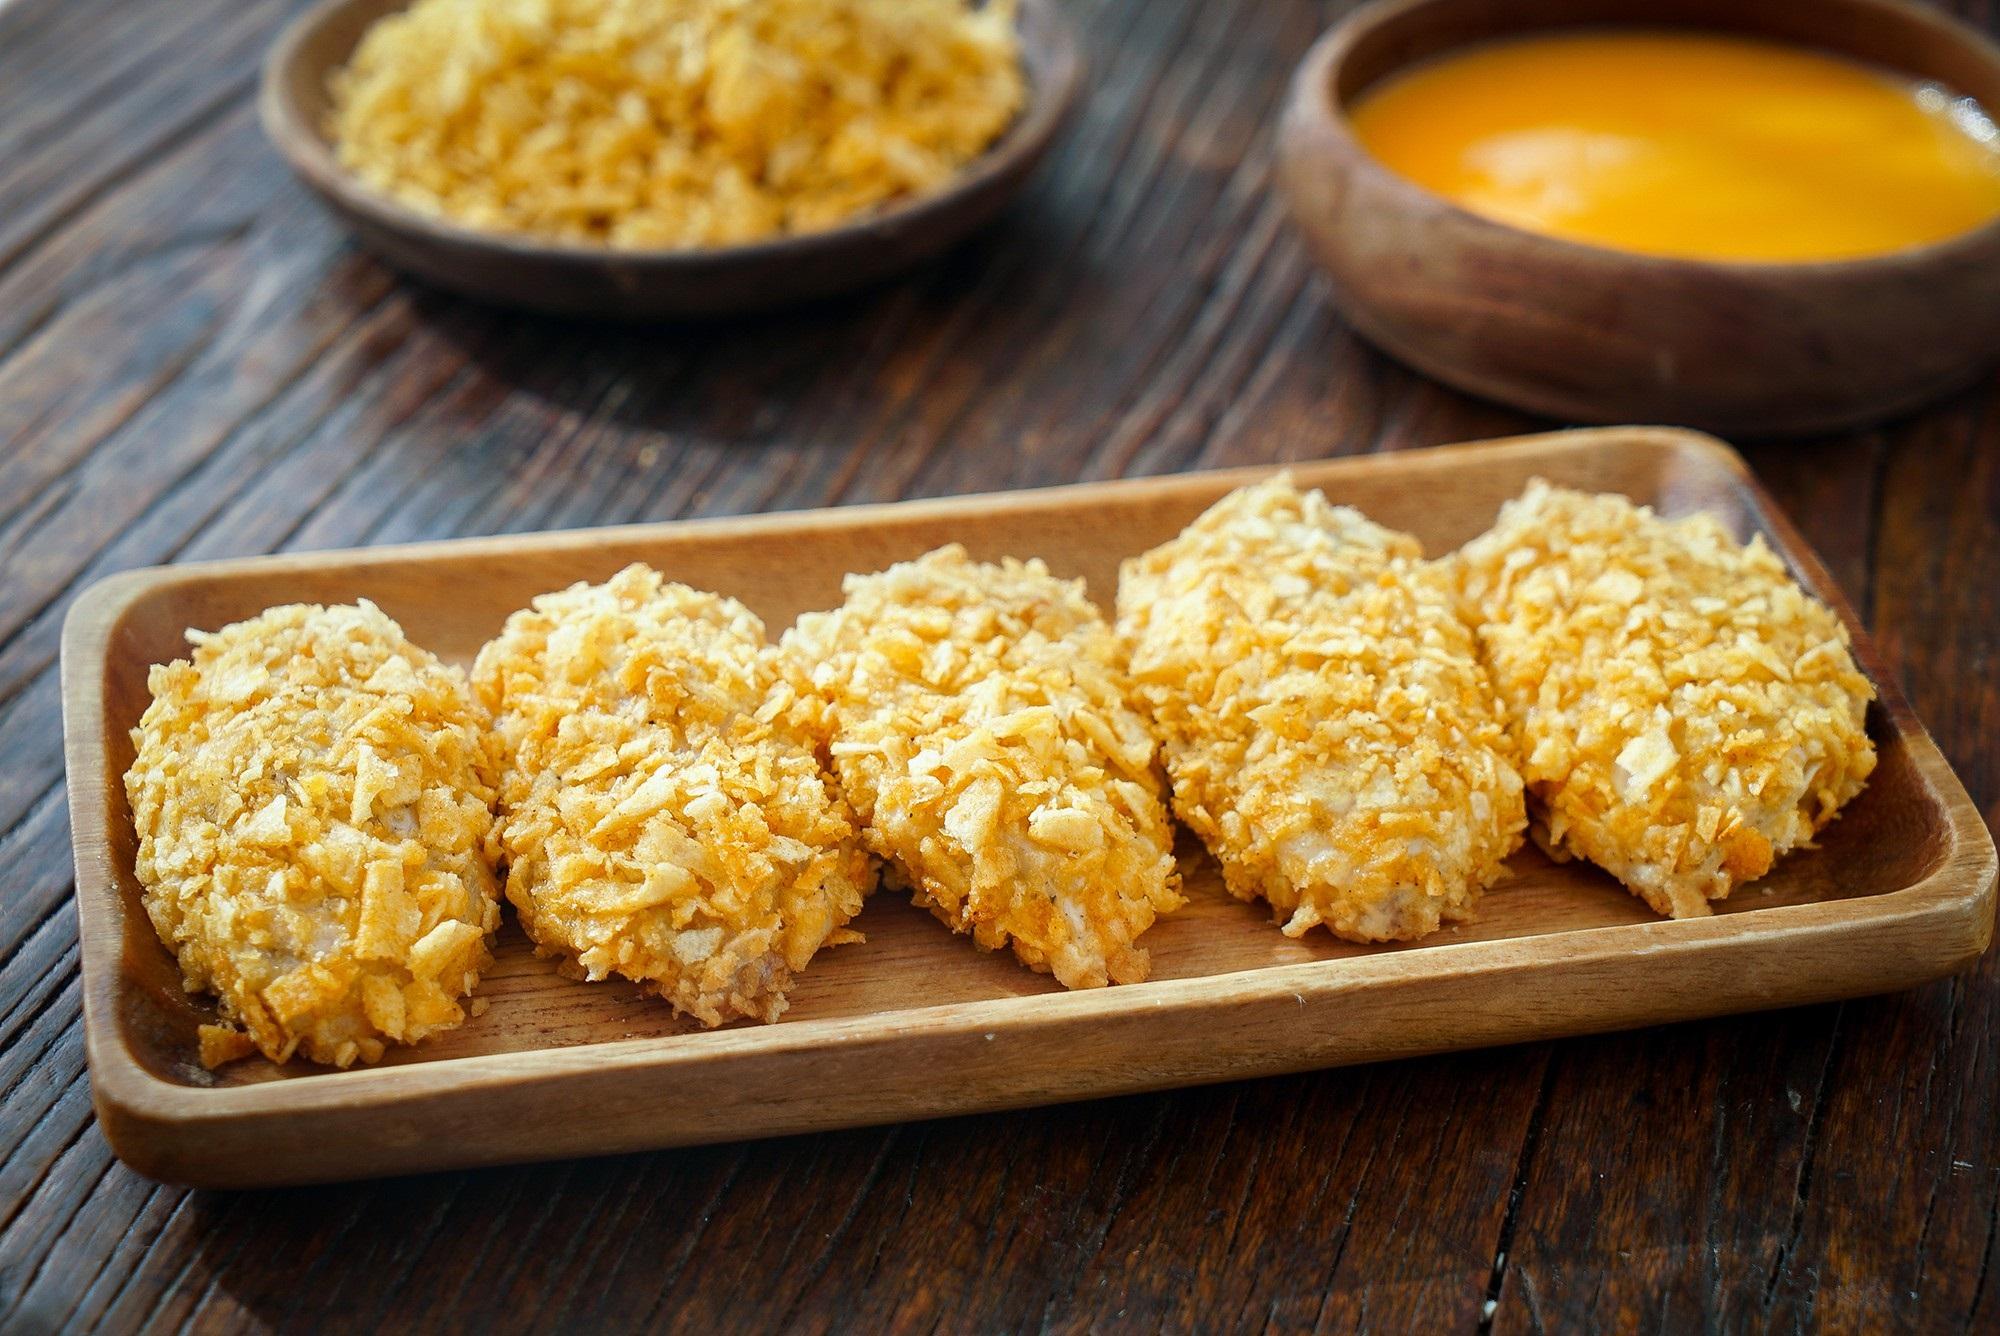 Làm món cánh gà nướng giòn tan vàng ruộm này đảm bảo cả nhà sẽ mê mẩn - Ảnh 4